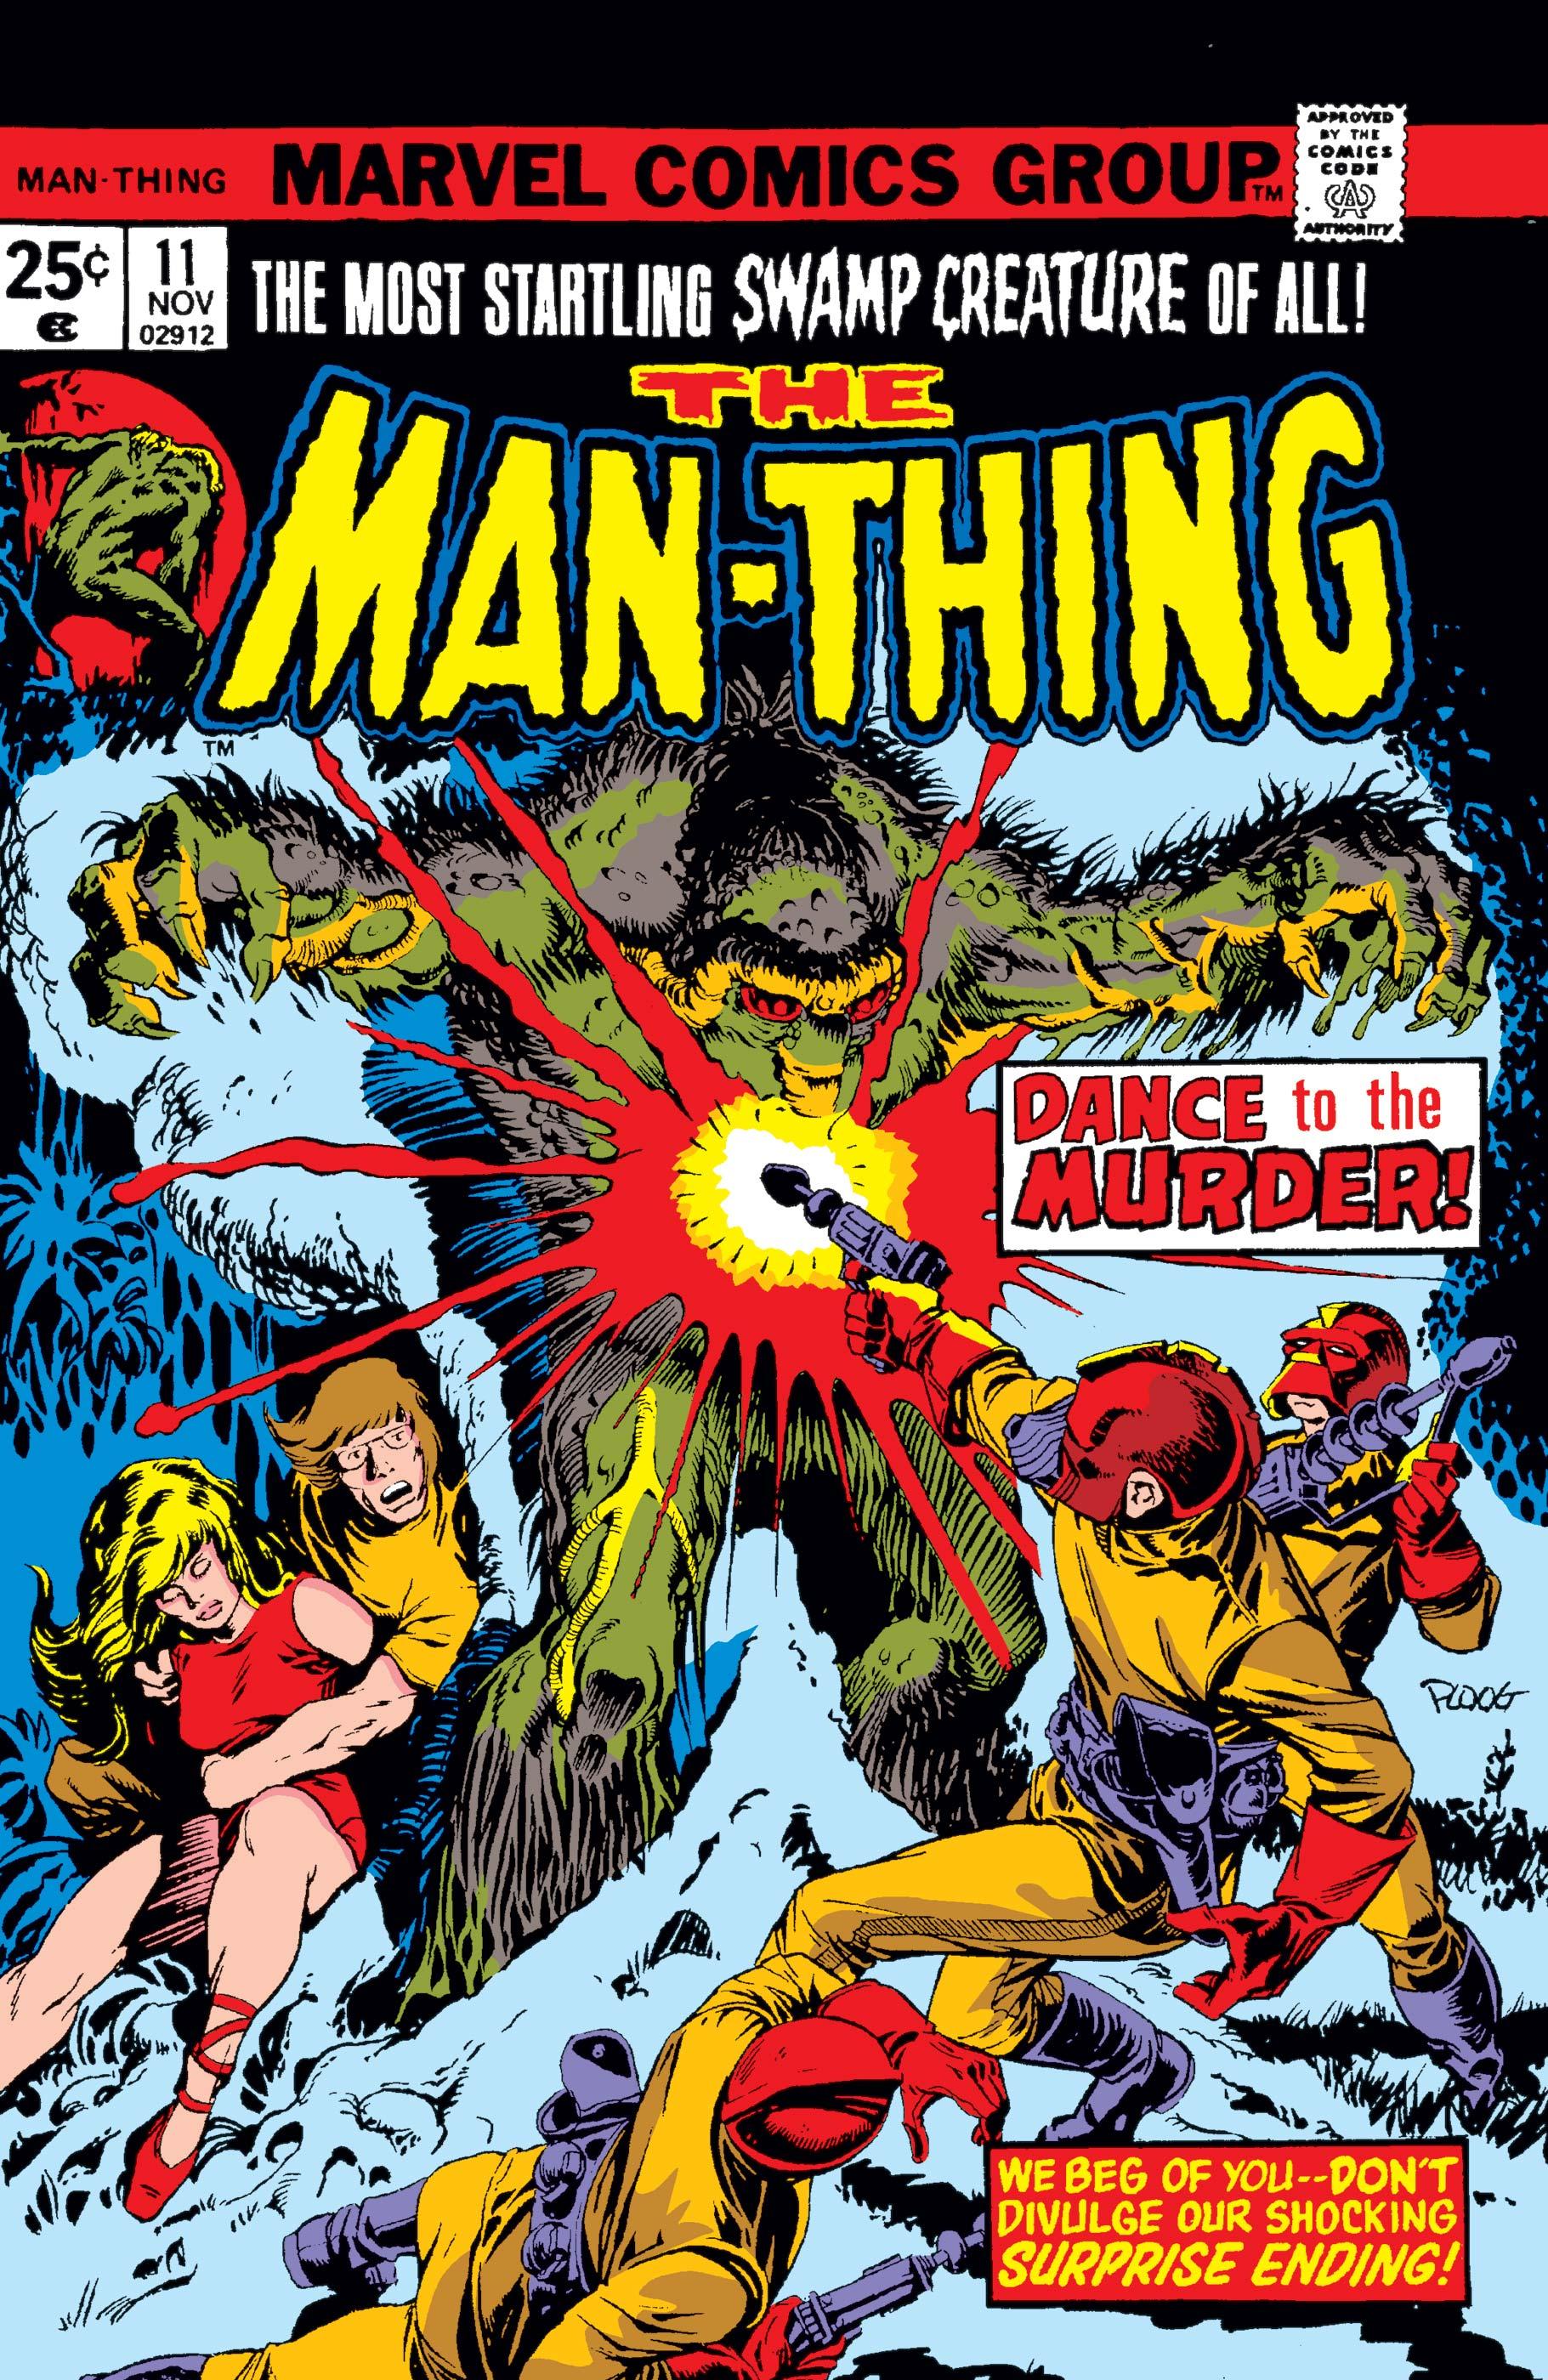 Man-Thing (1974) #11